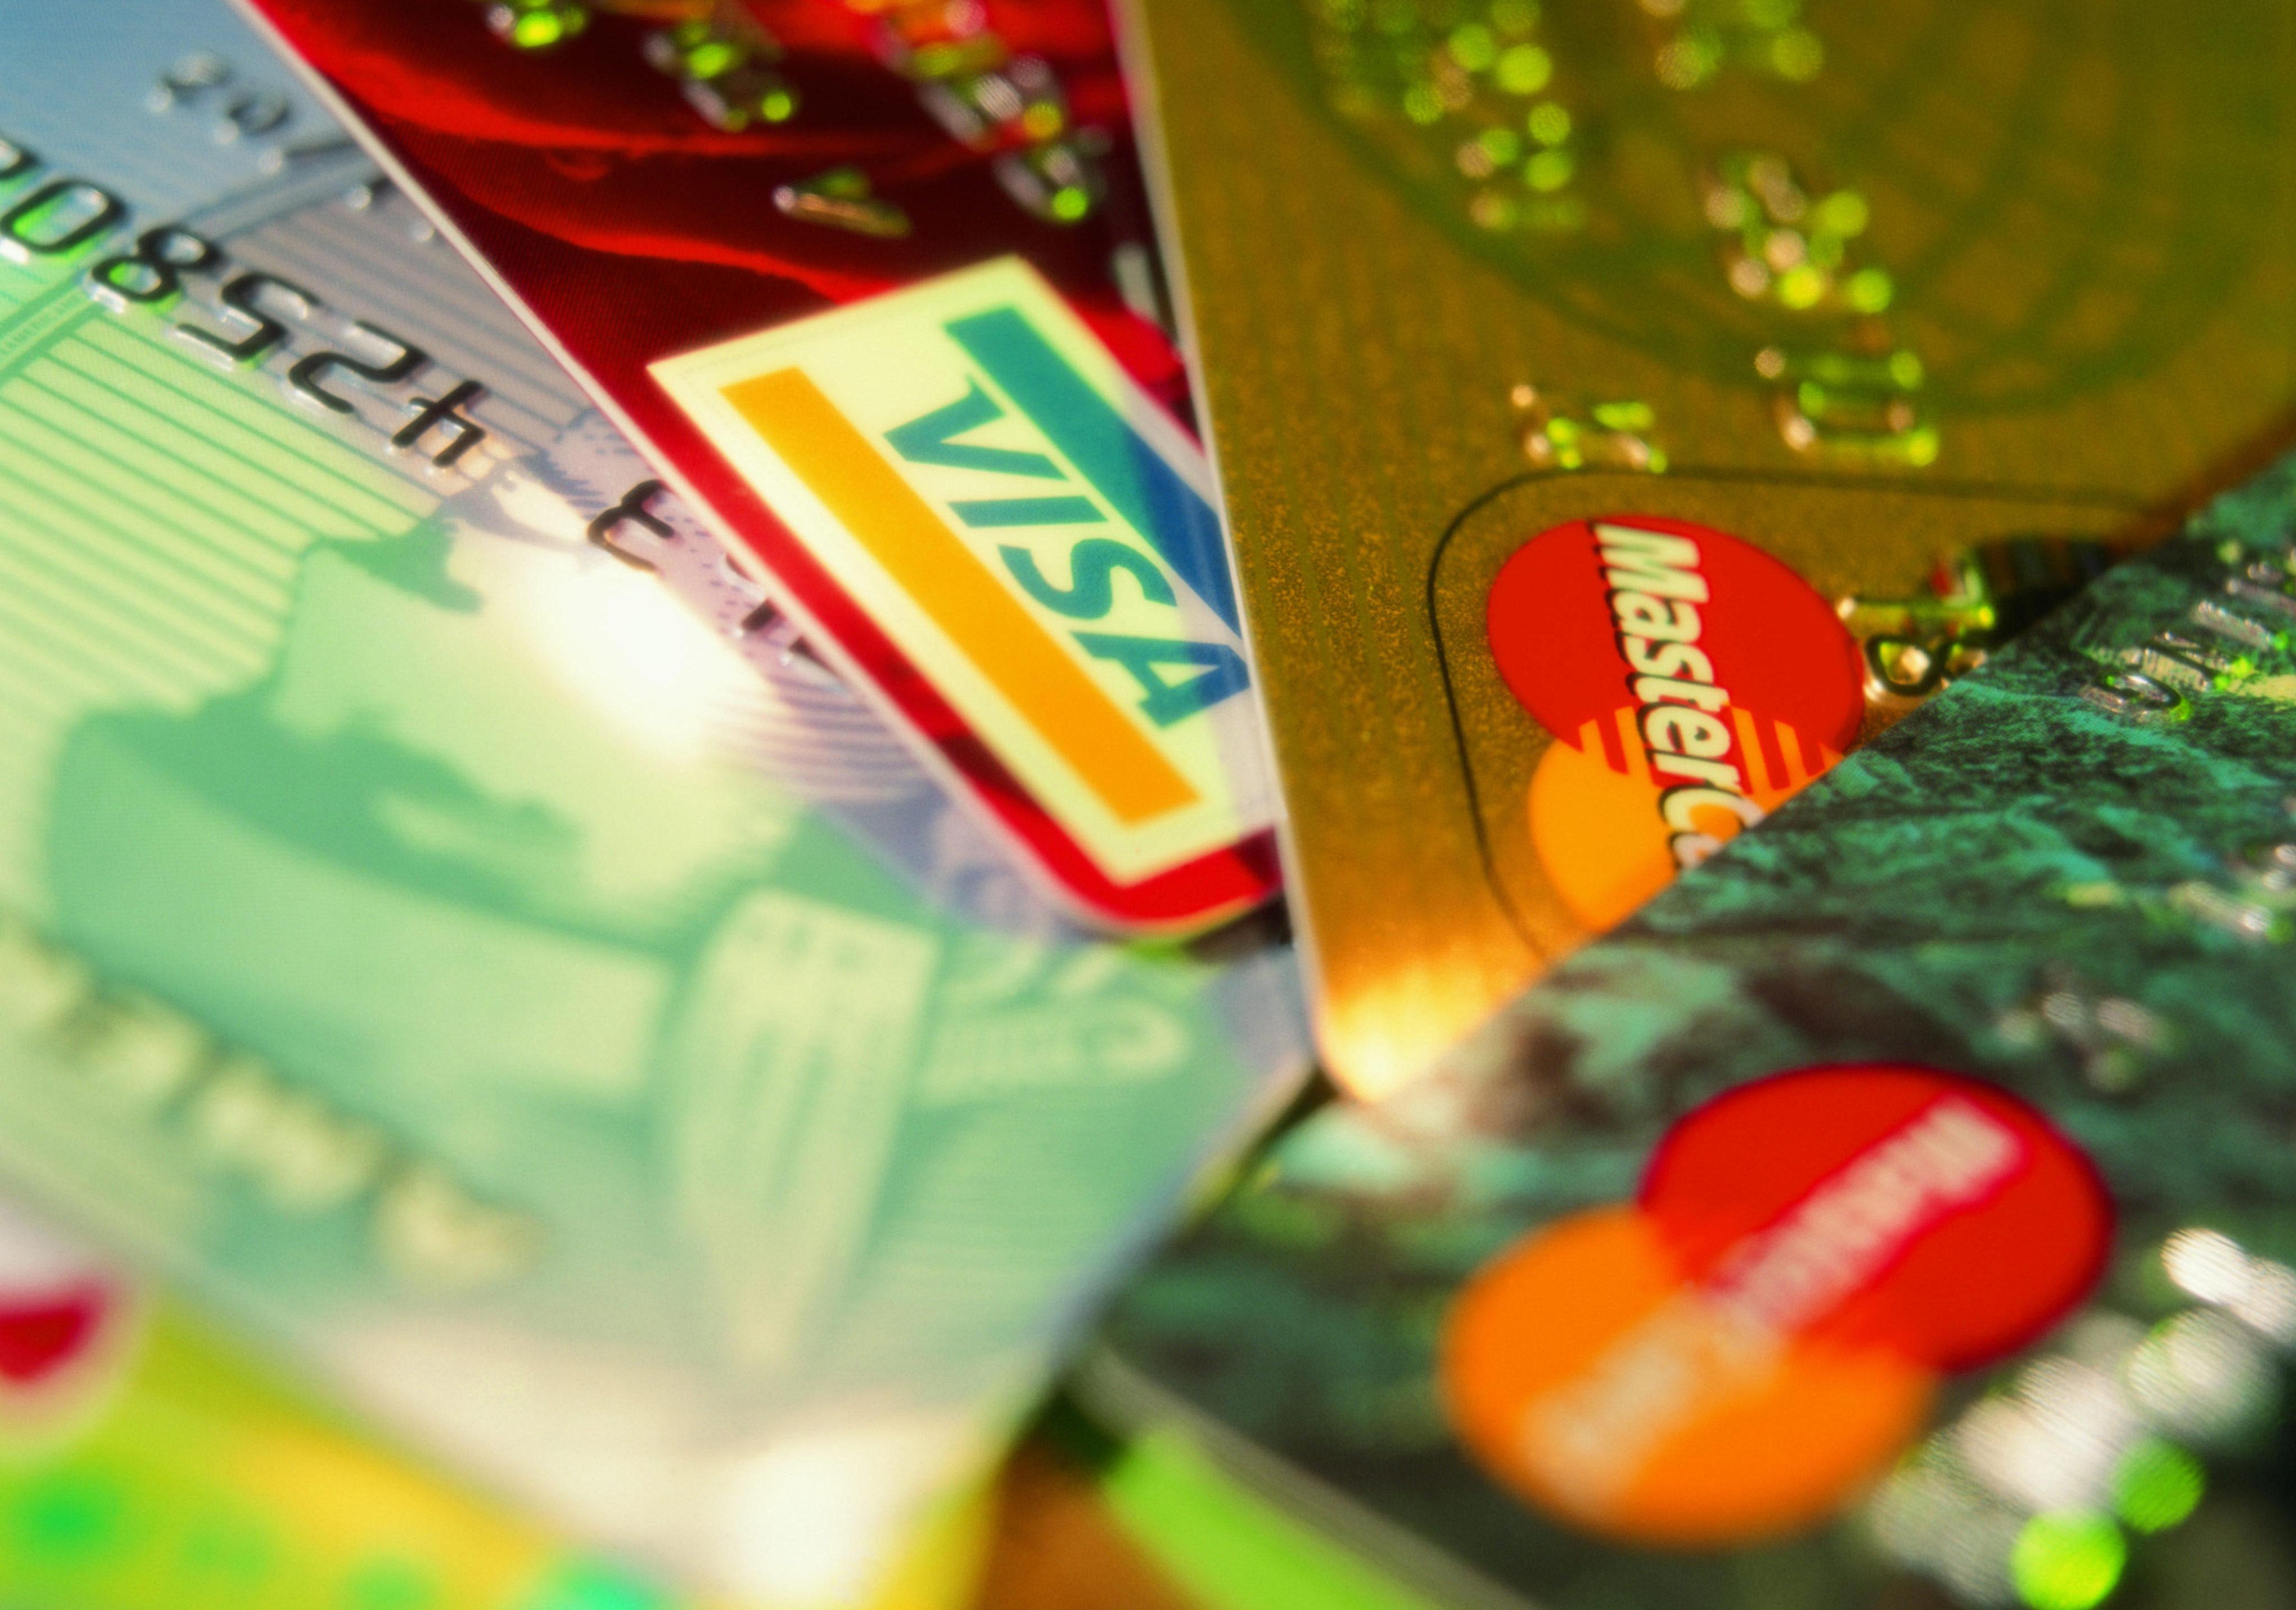 Для лайв ставок на спорт в букмекерских конторах онлайн в Нью-Джерси введут специальные кредитные карты